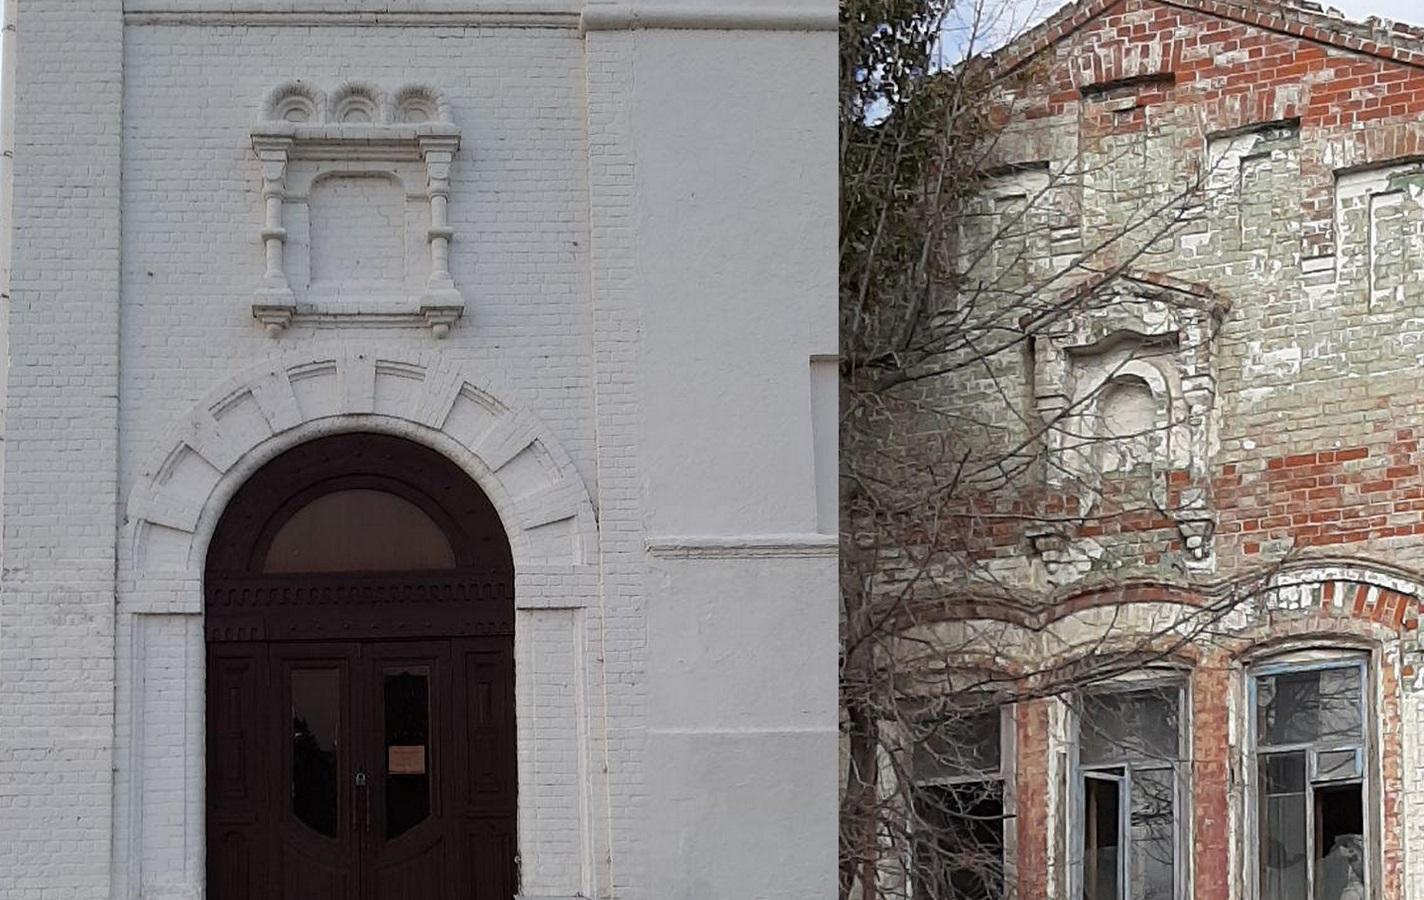 Для сравнения слева - ниша над входом в уничтоженный Спасо-Преображенский монастырь в Кремле, отмечает Ян. Справа - подобная ниша в здании на улице Клары Цеткин.